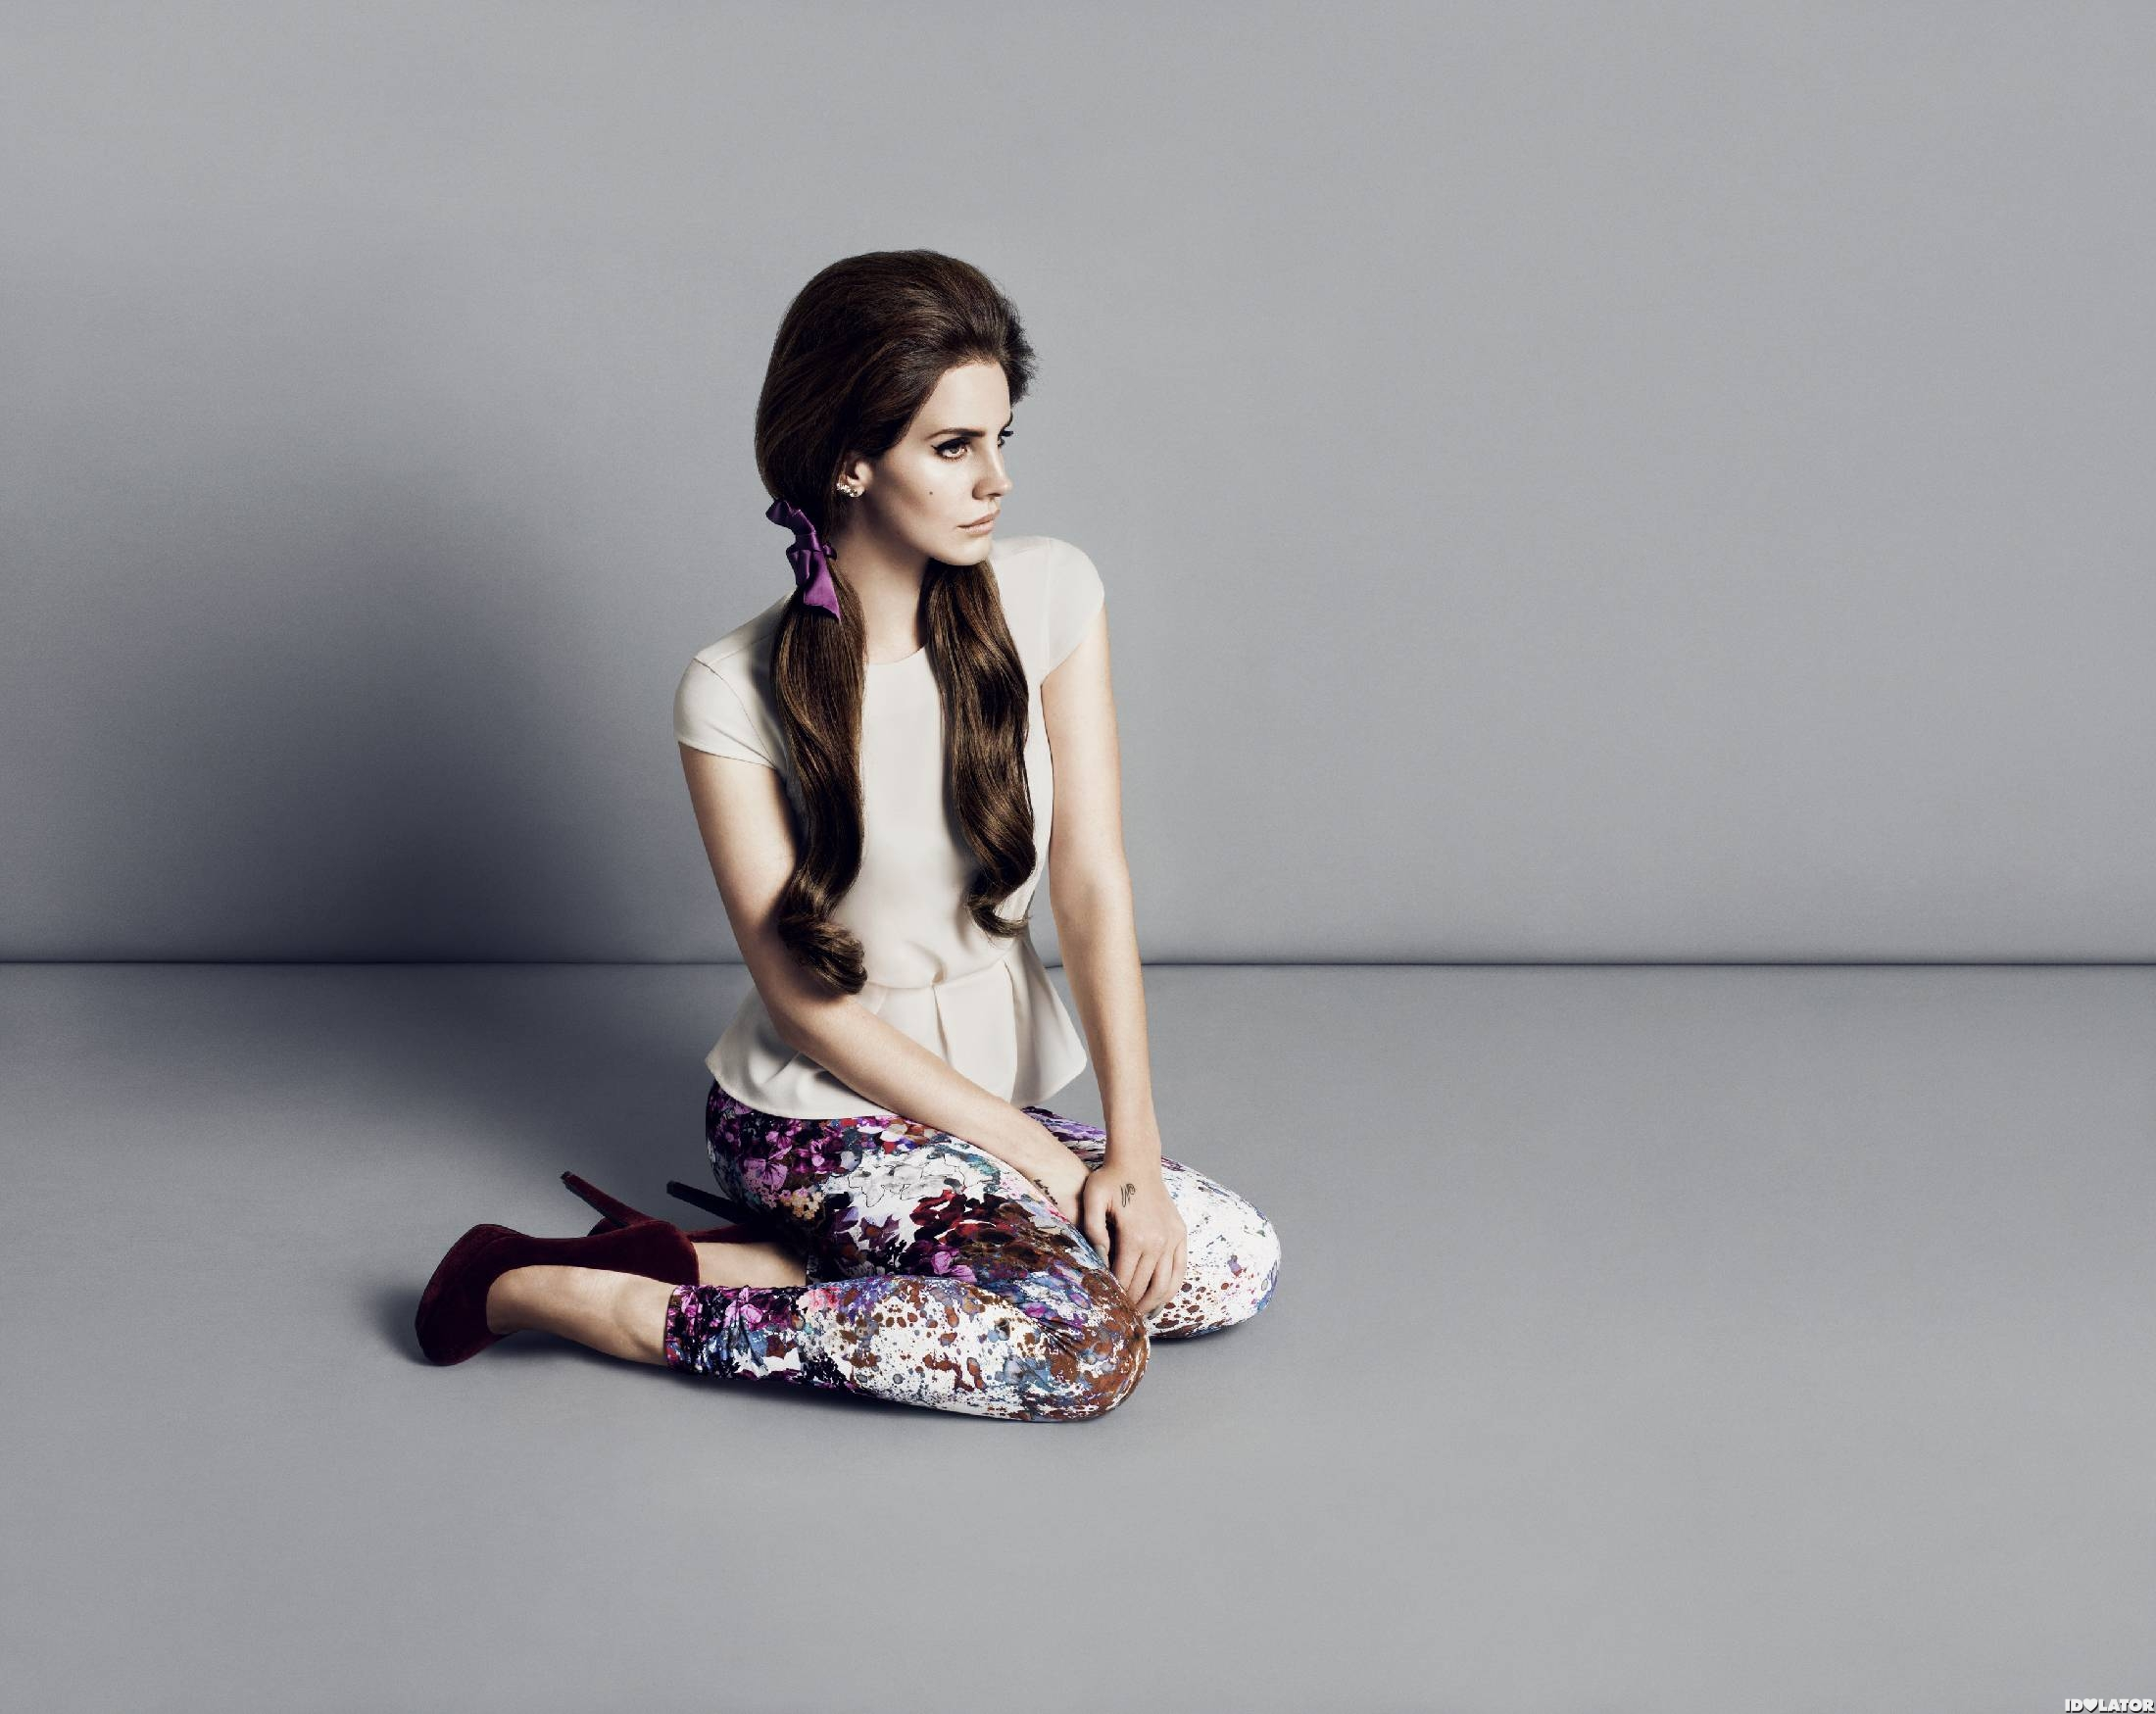 Lana Del Rey Models For H&M